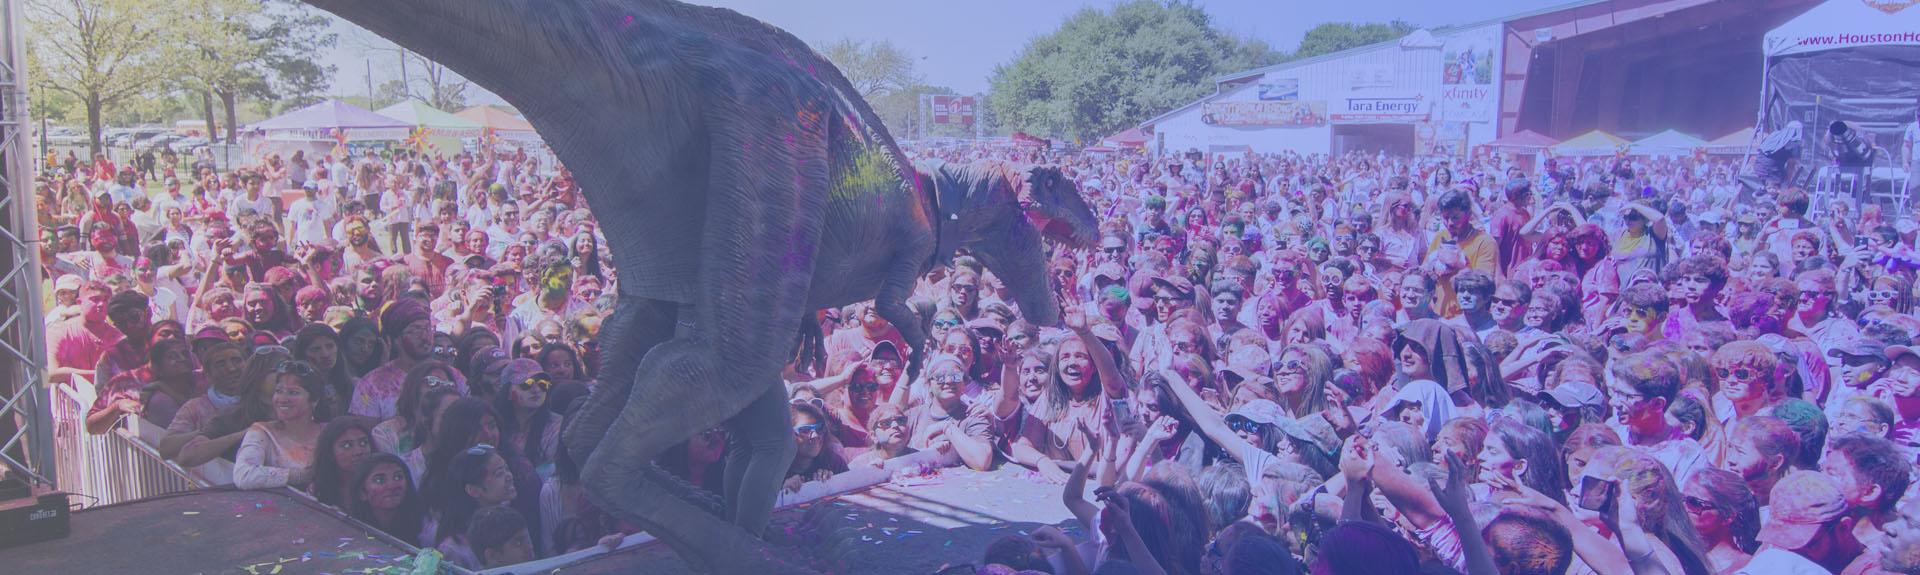 Dinosaur Costume for Festival Banner